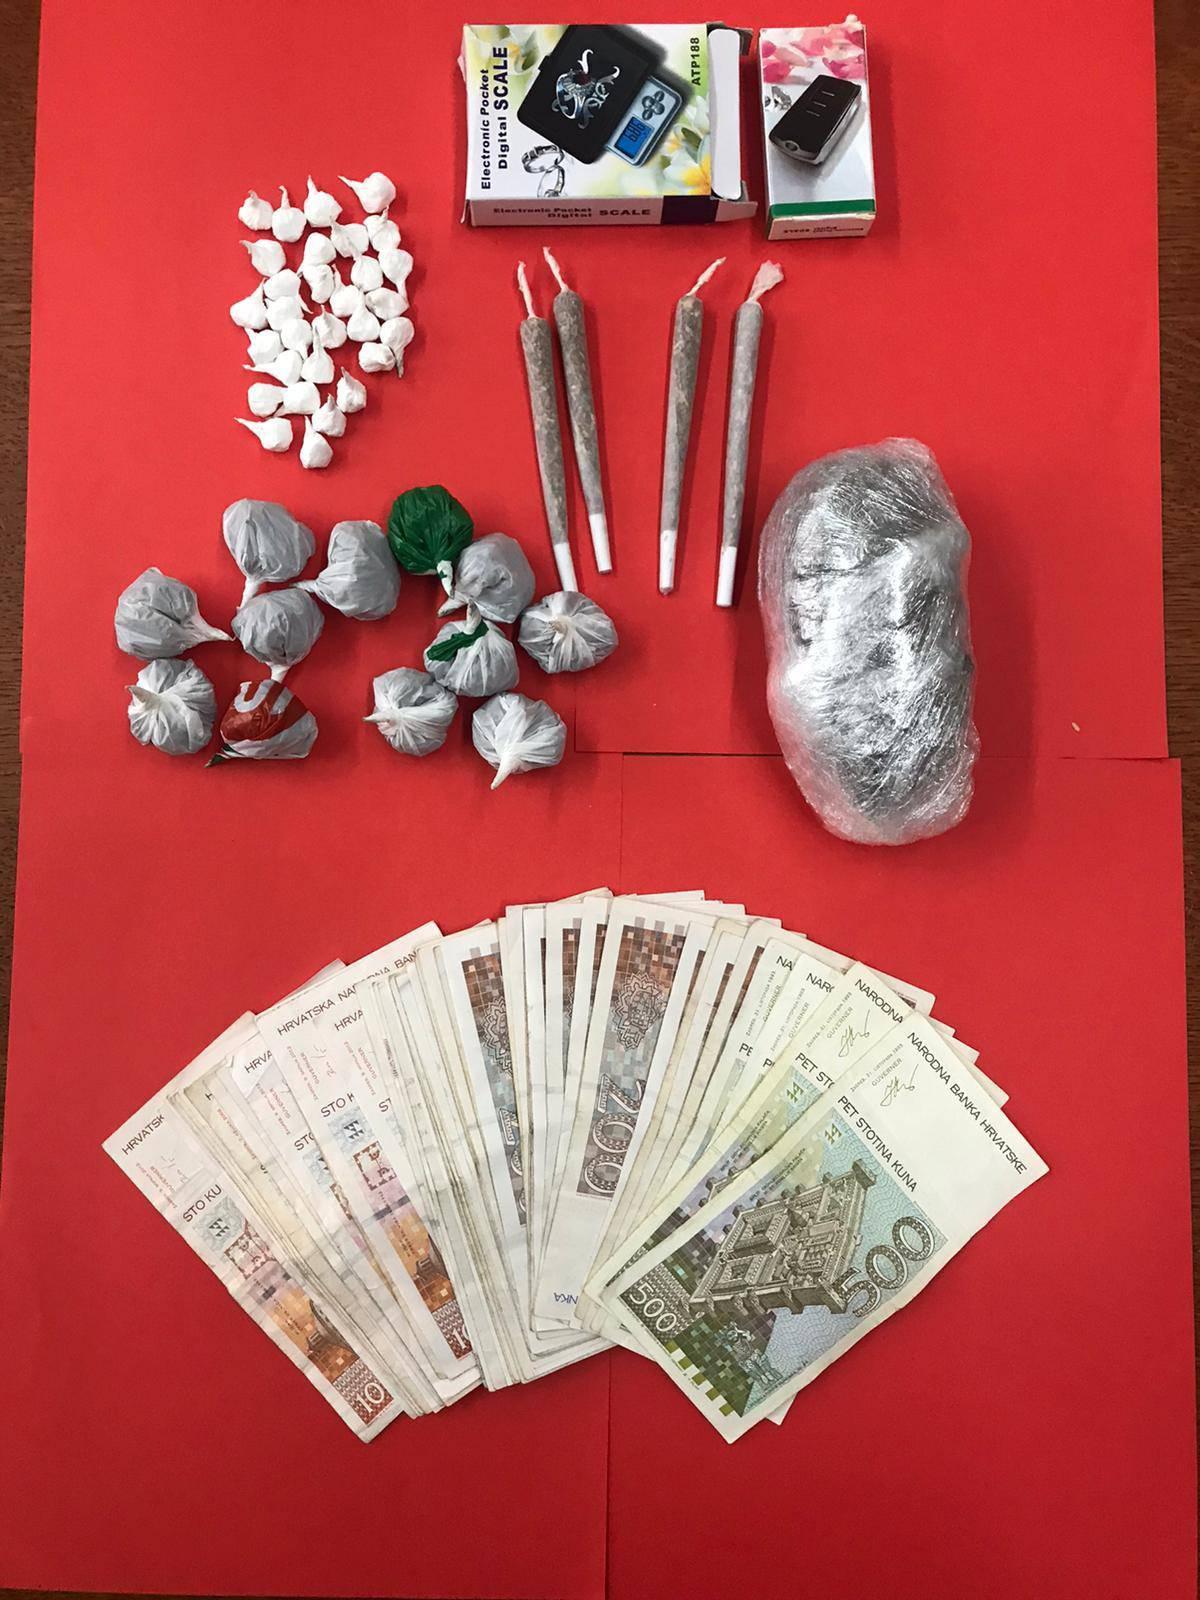 Kod Zadranina našli marihuanu i kokain, digitalne vage i novac